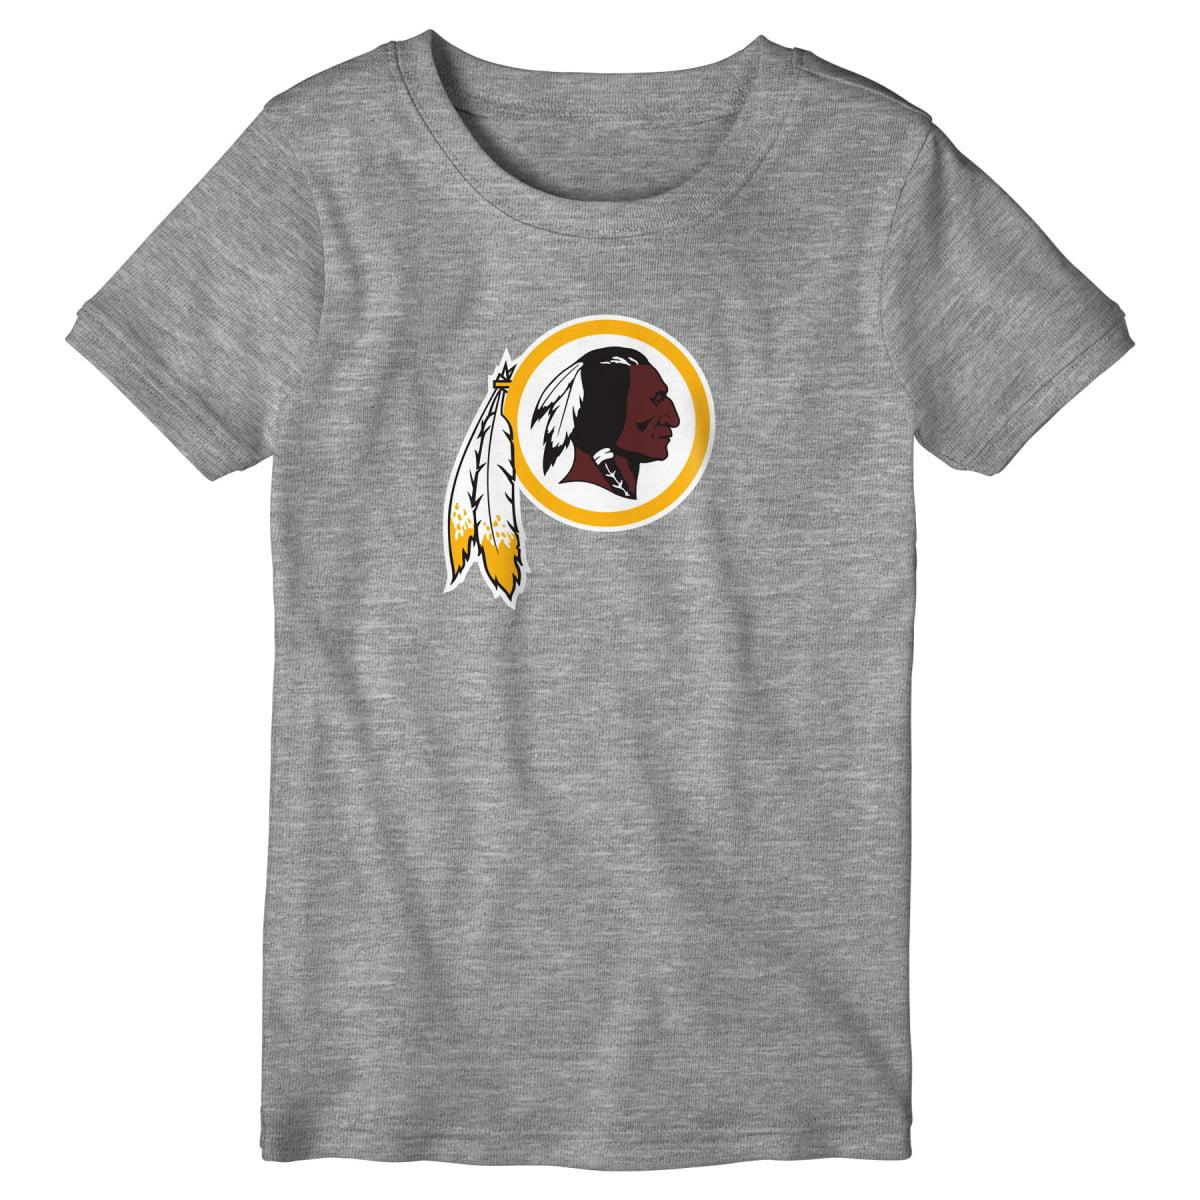 Outerstuff - Washington Redskins Toddler NFL